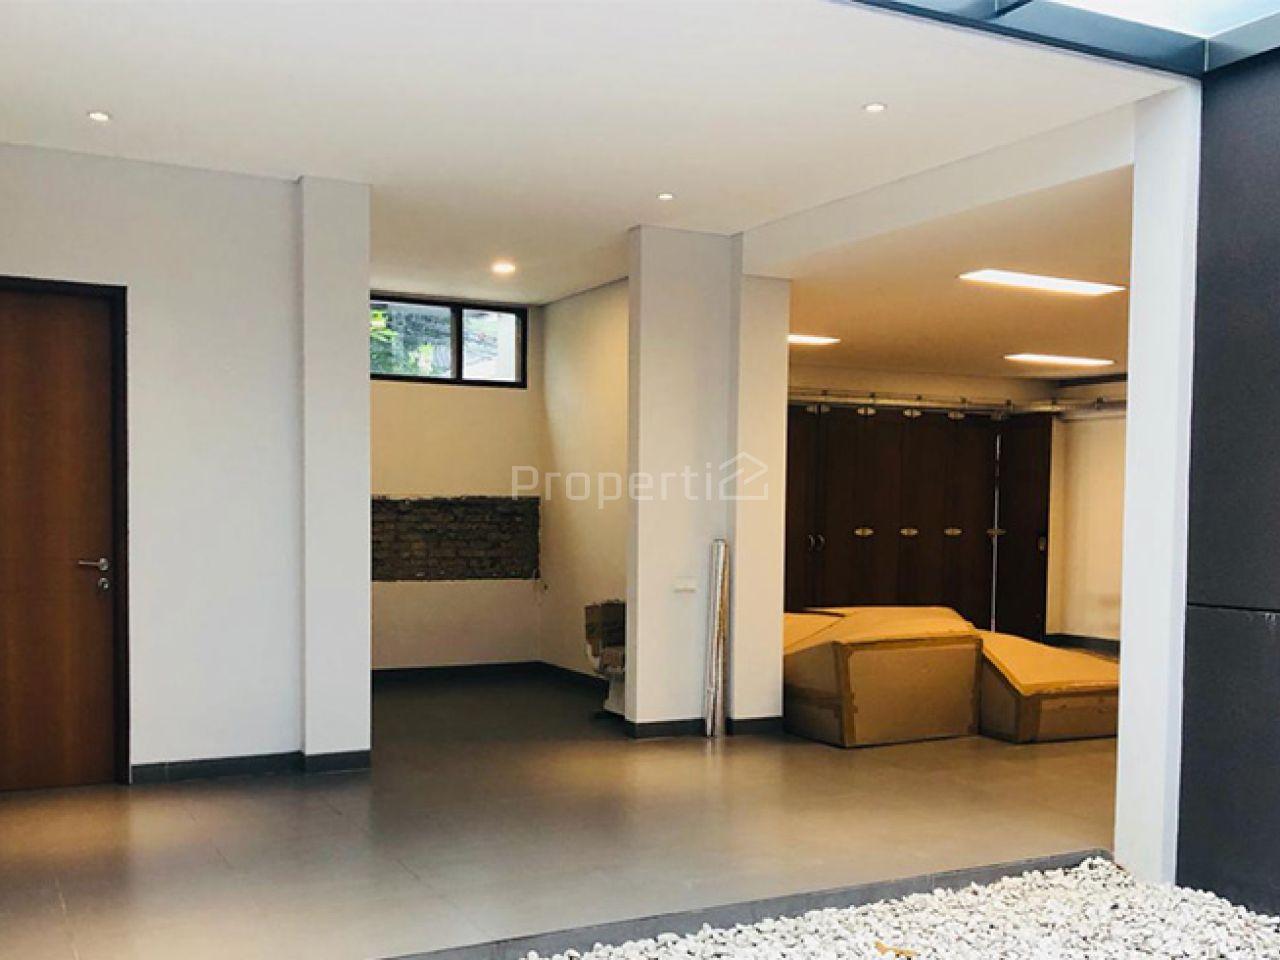 Rumah Mewah Baru dengan Taman Luas di Area Utama Cipaganti, Coblong